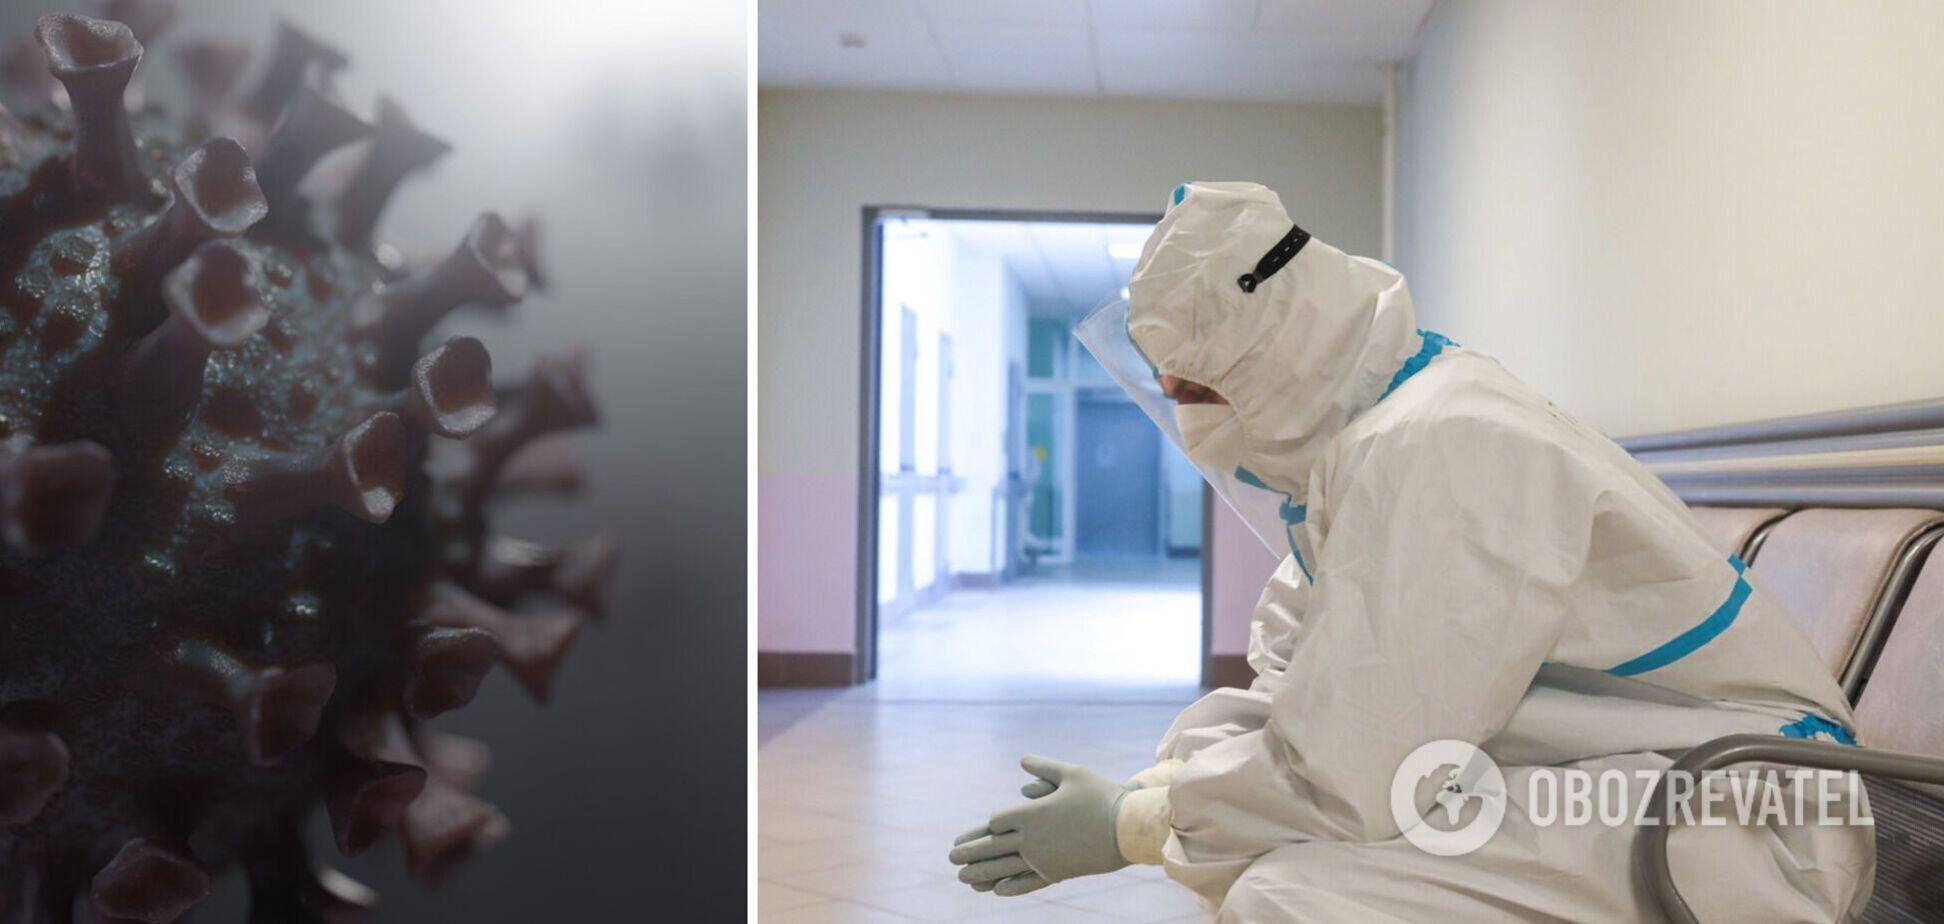 Довічного імунітету до коронавірусу не буде